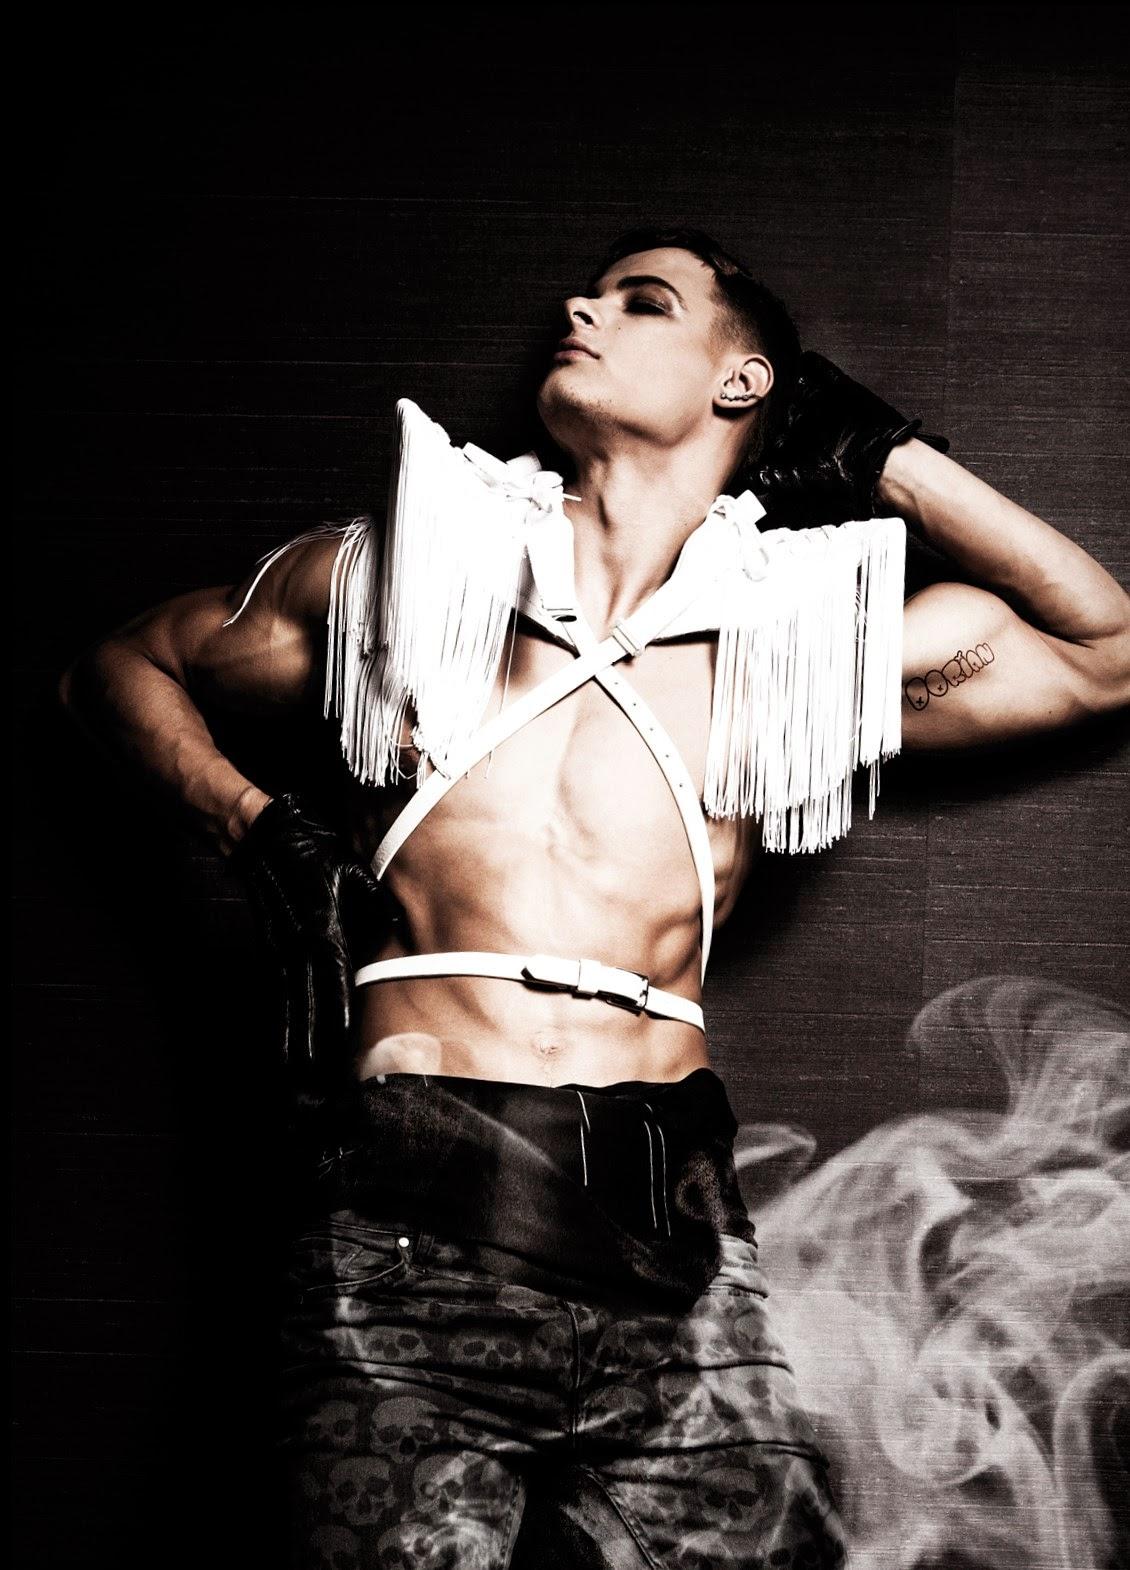 Andrei Karenin itsnotyouitsme blog: hot couturebenjamin falk & jake